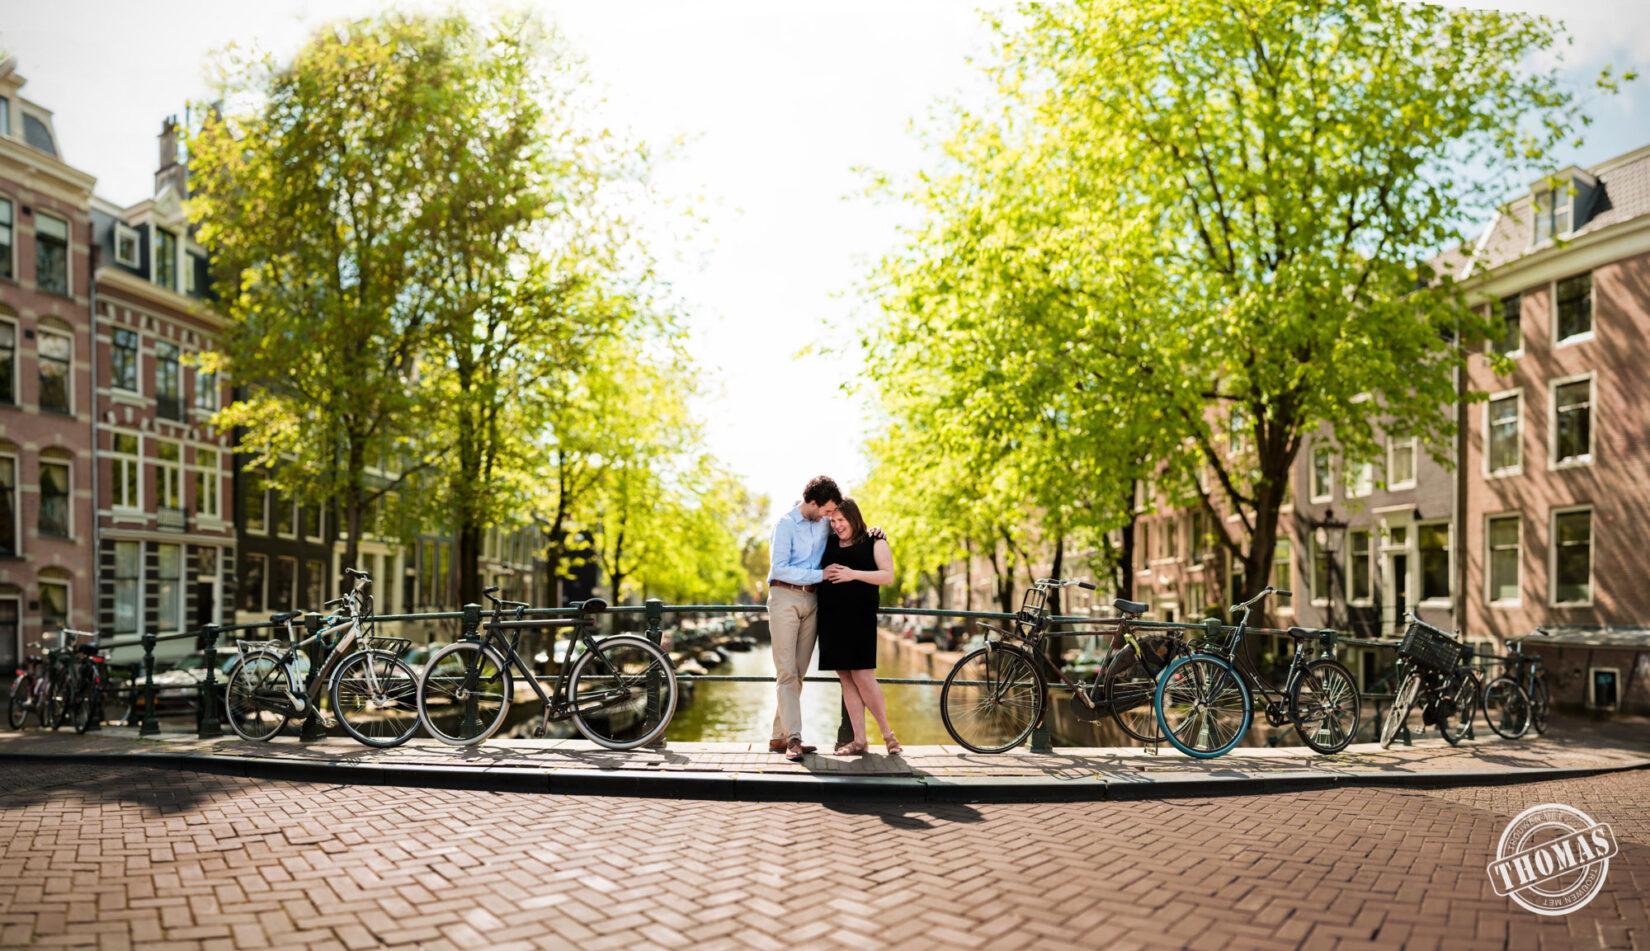 Zwangerschap fotoshoot bij Amsterdamse grachten